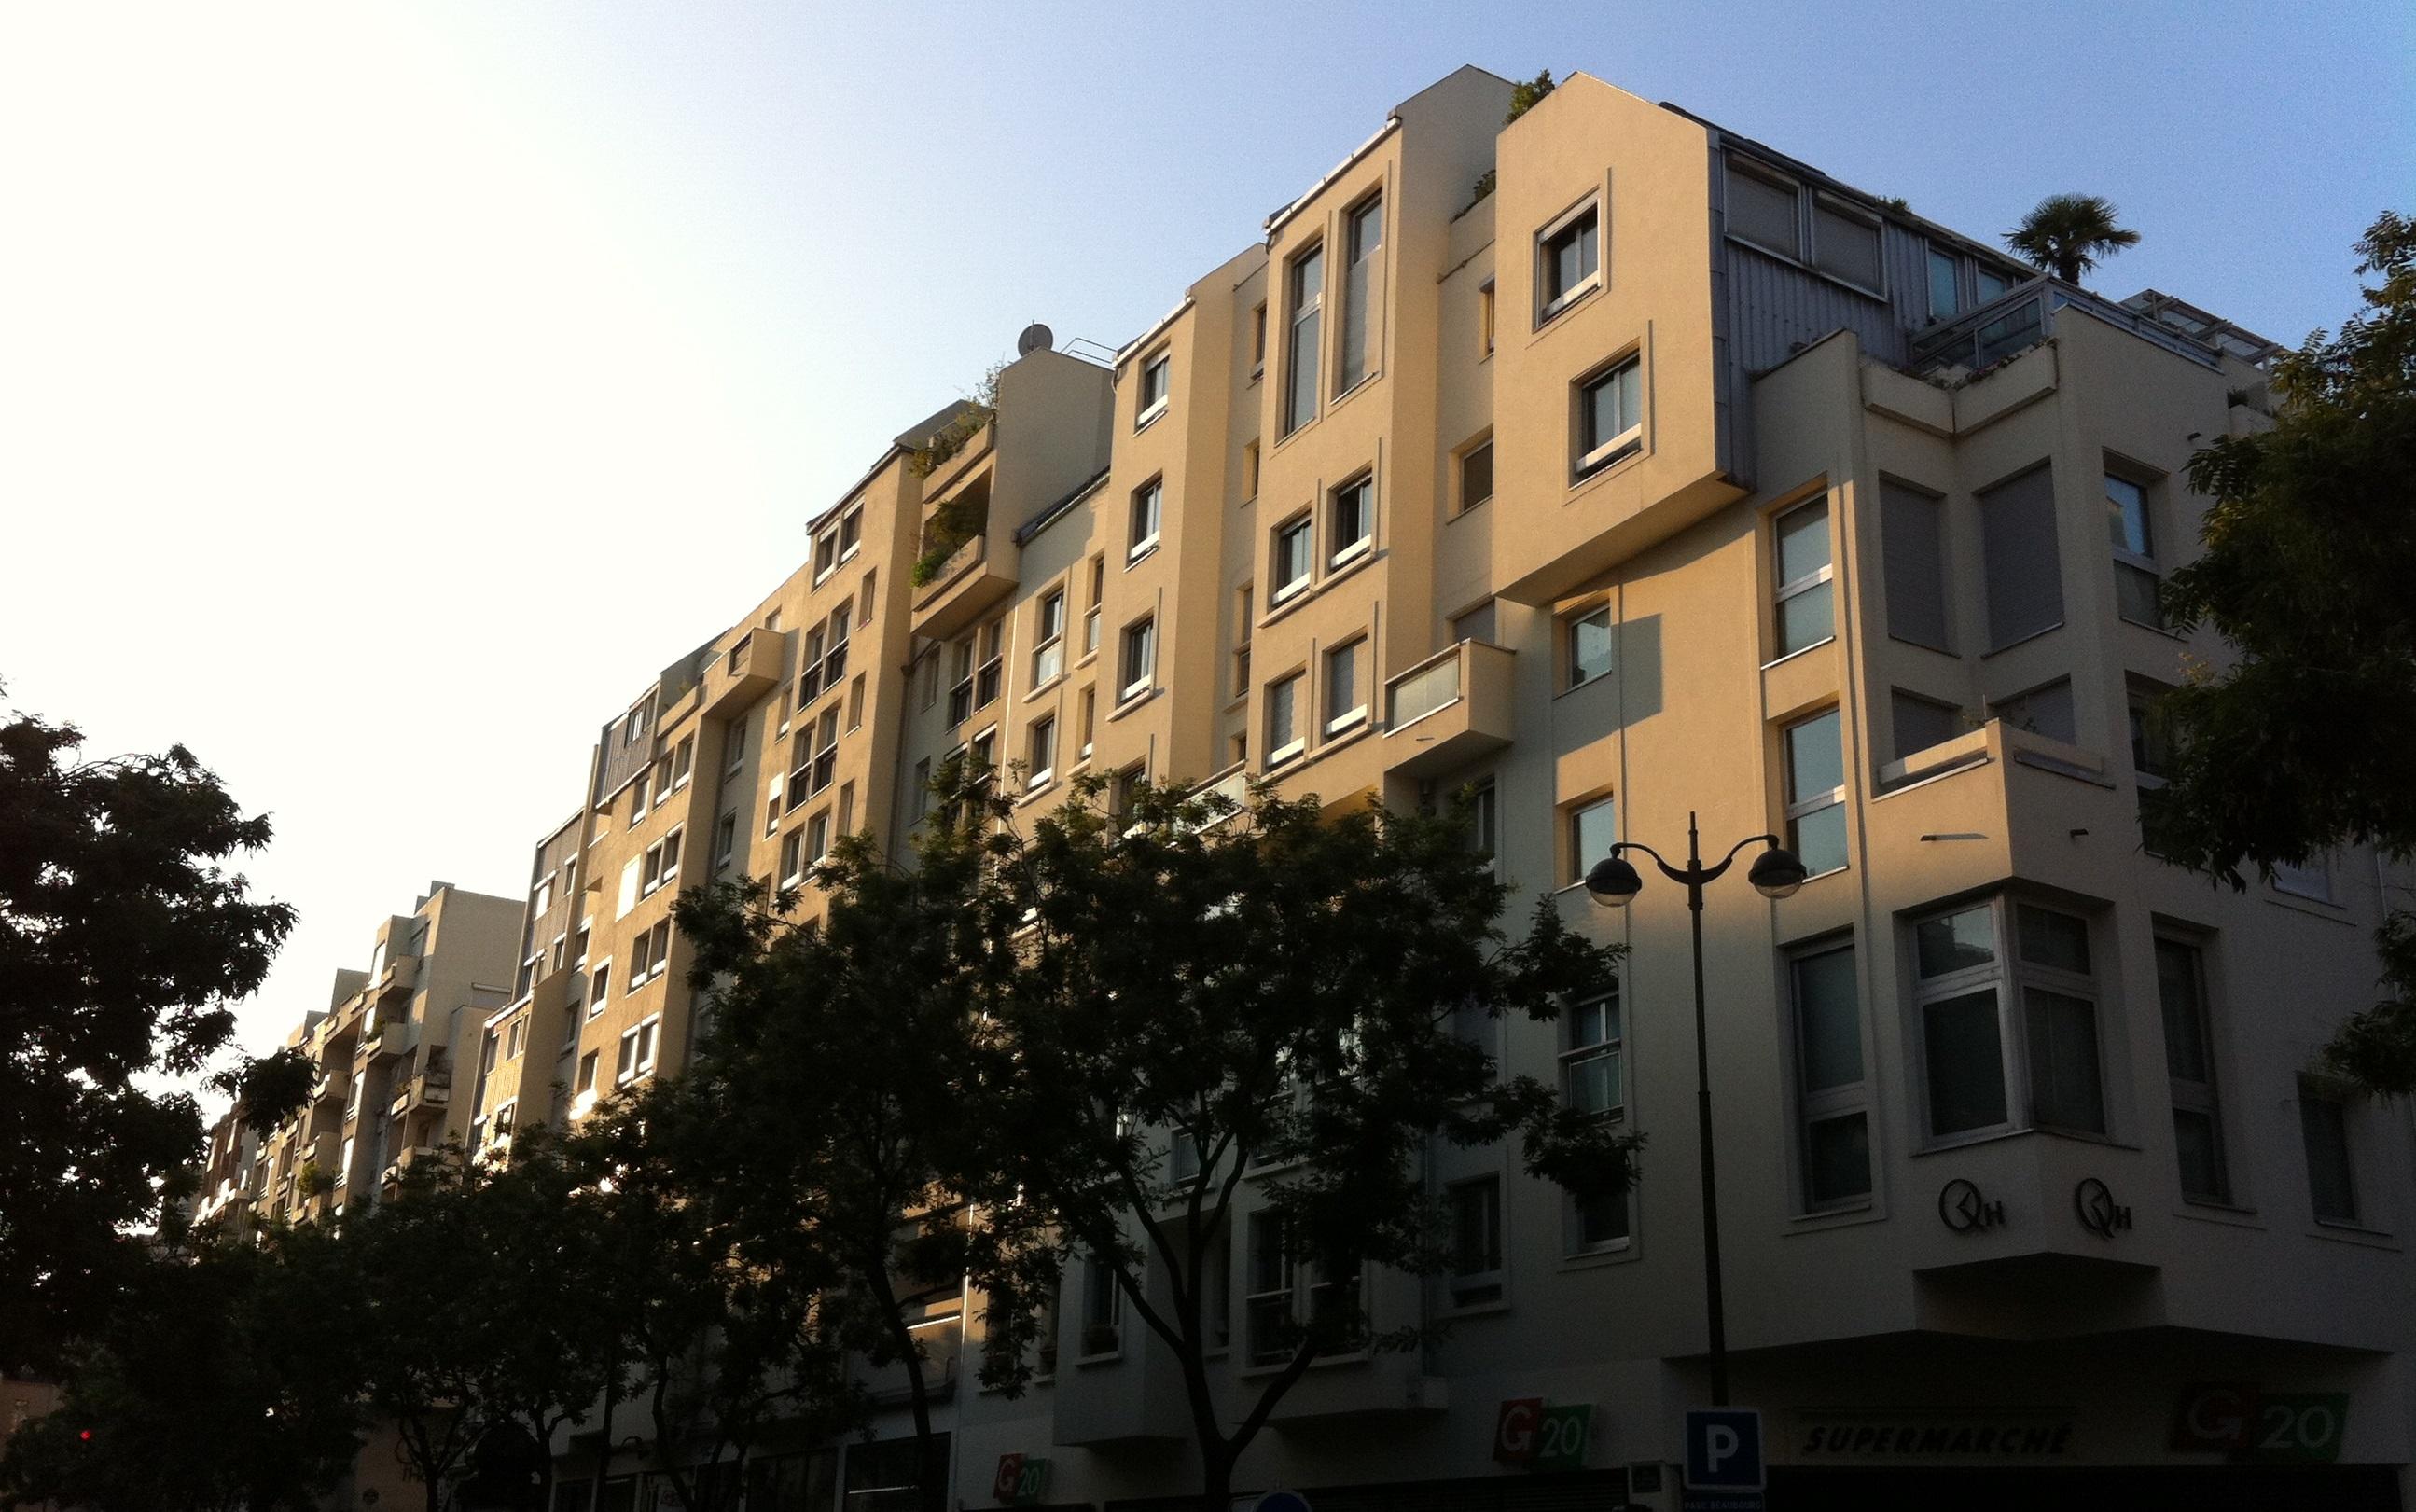 Le Quartier de l'Horloge, au lever du soleil, vu du carrefour rue aux Ours, Grenier Saint-Lazare et Saint-Martin.